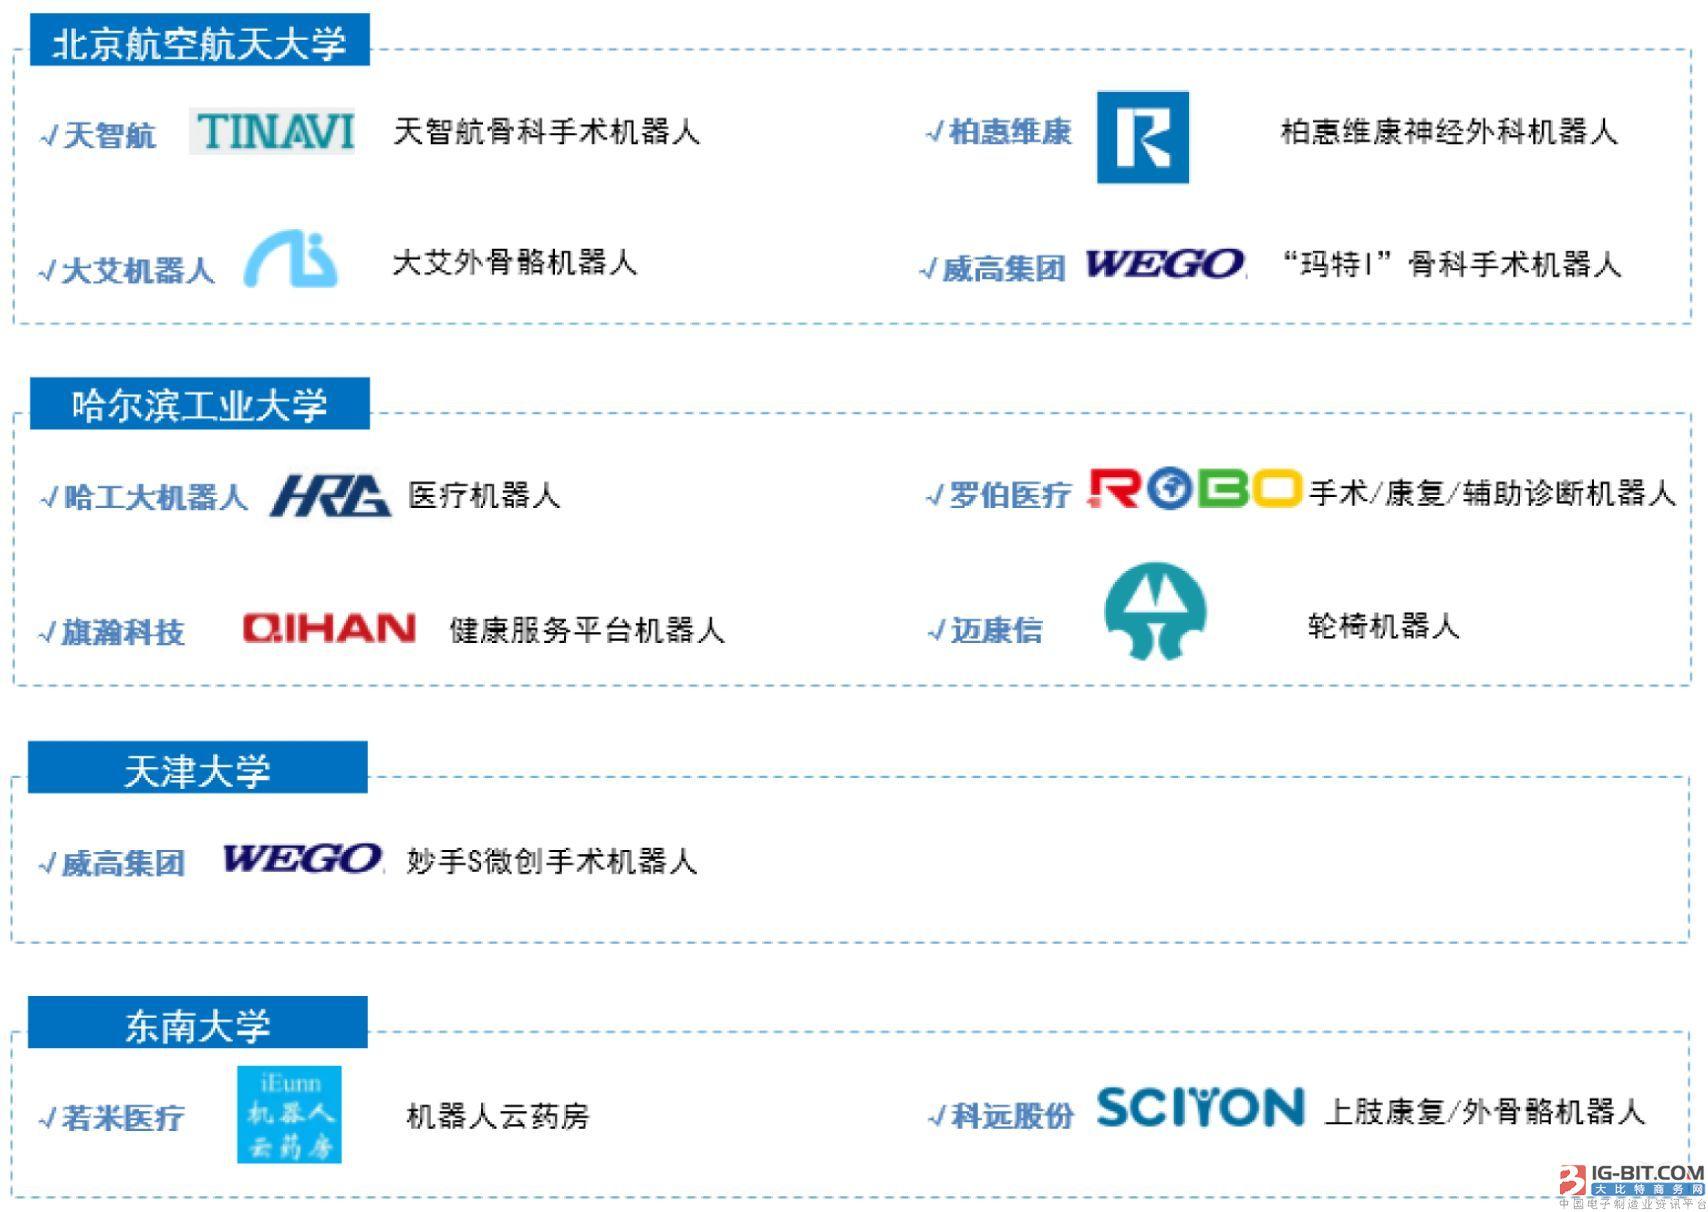 我国最新医疗机器人产业链价值解读